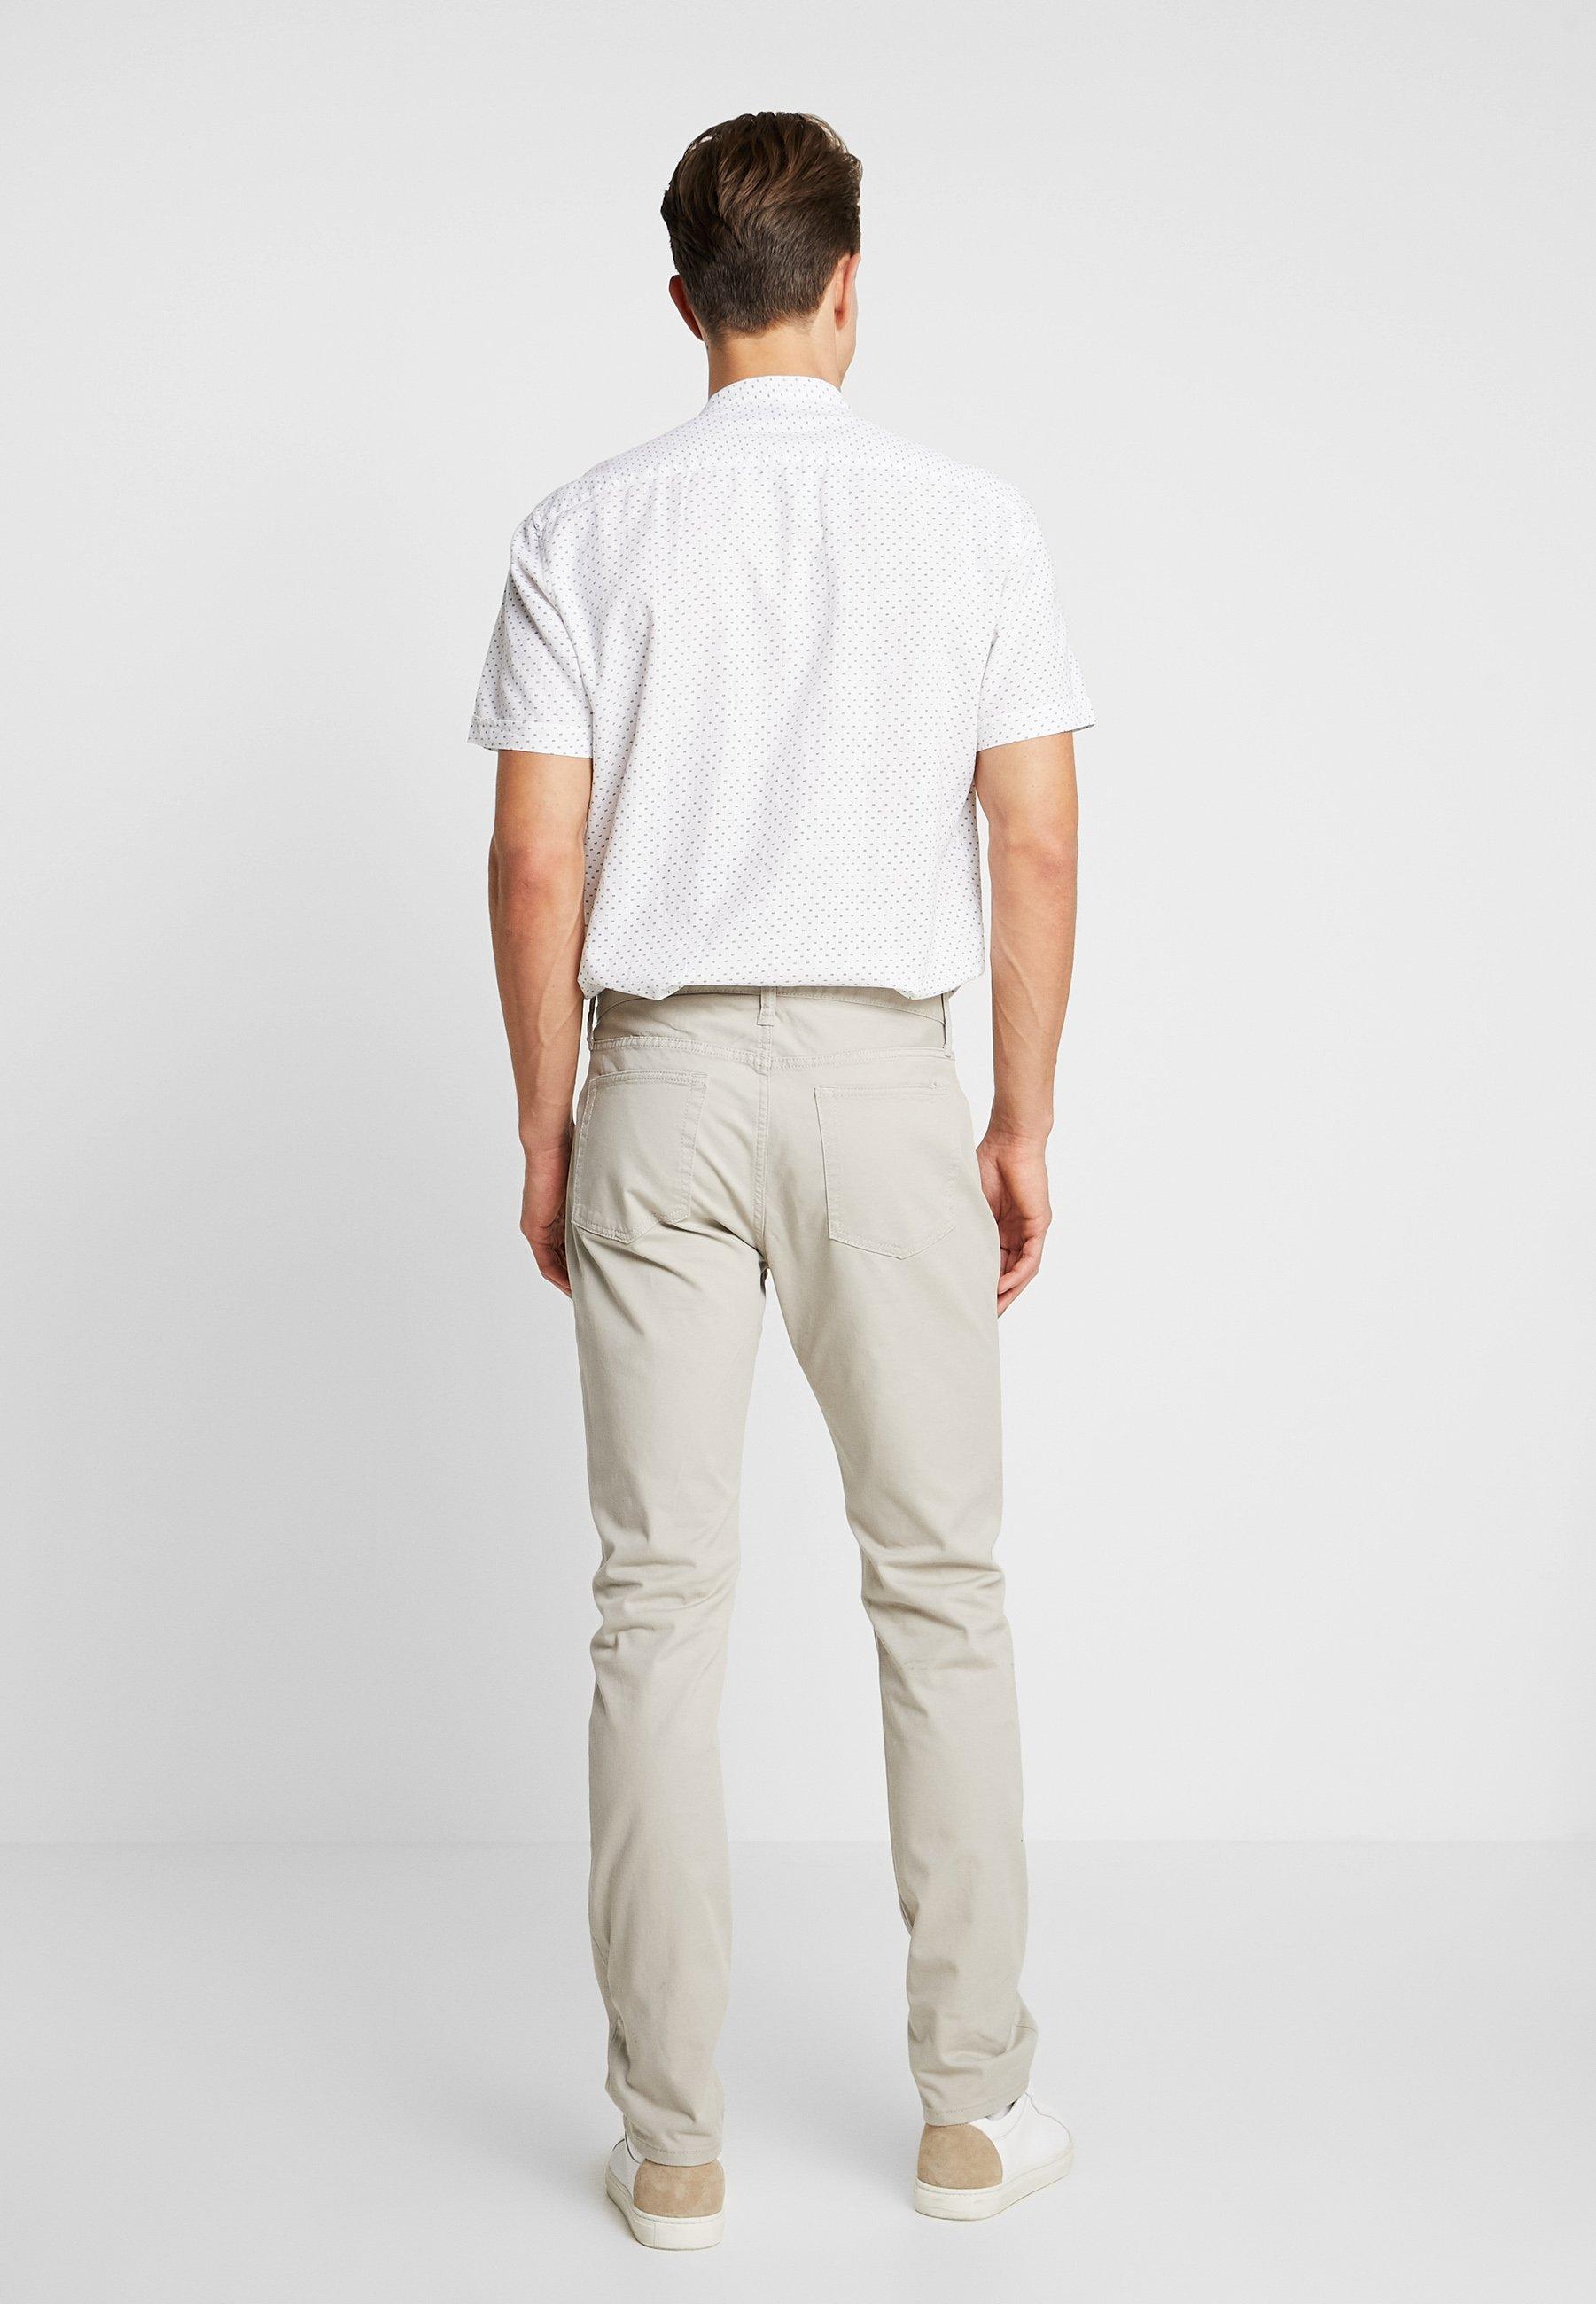 Clay Gap Slim V StretchJean slim EYDH9I2W